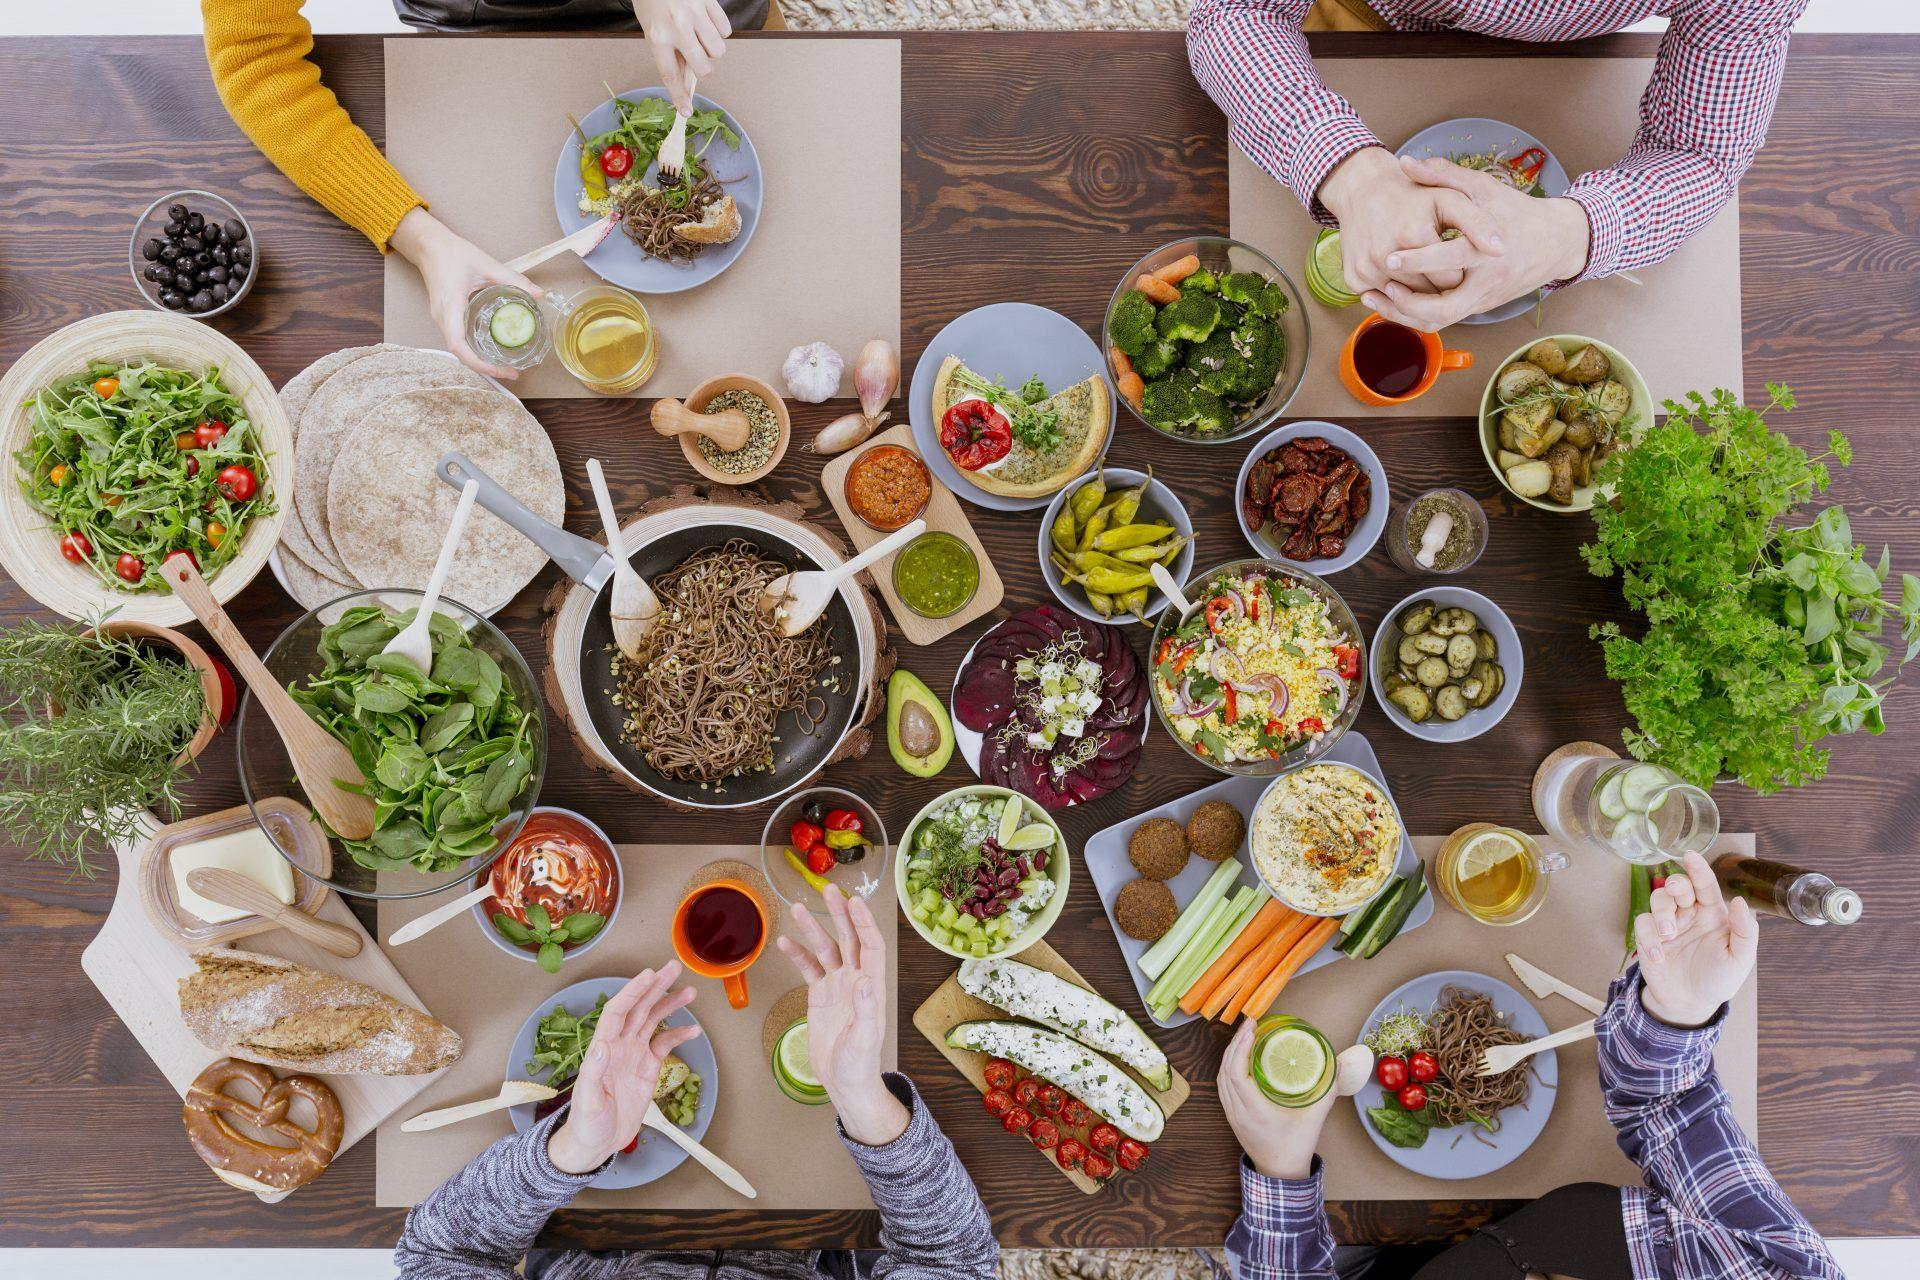 Cómo iniciarte en la dieta vegetariana